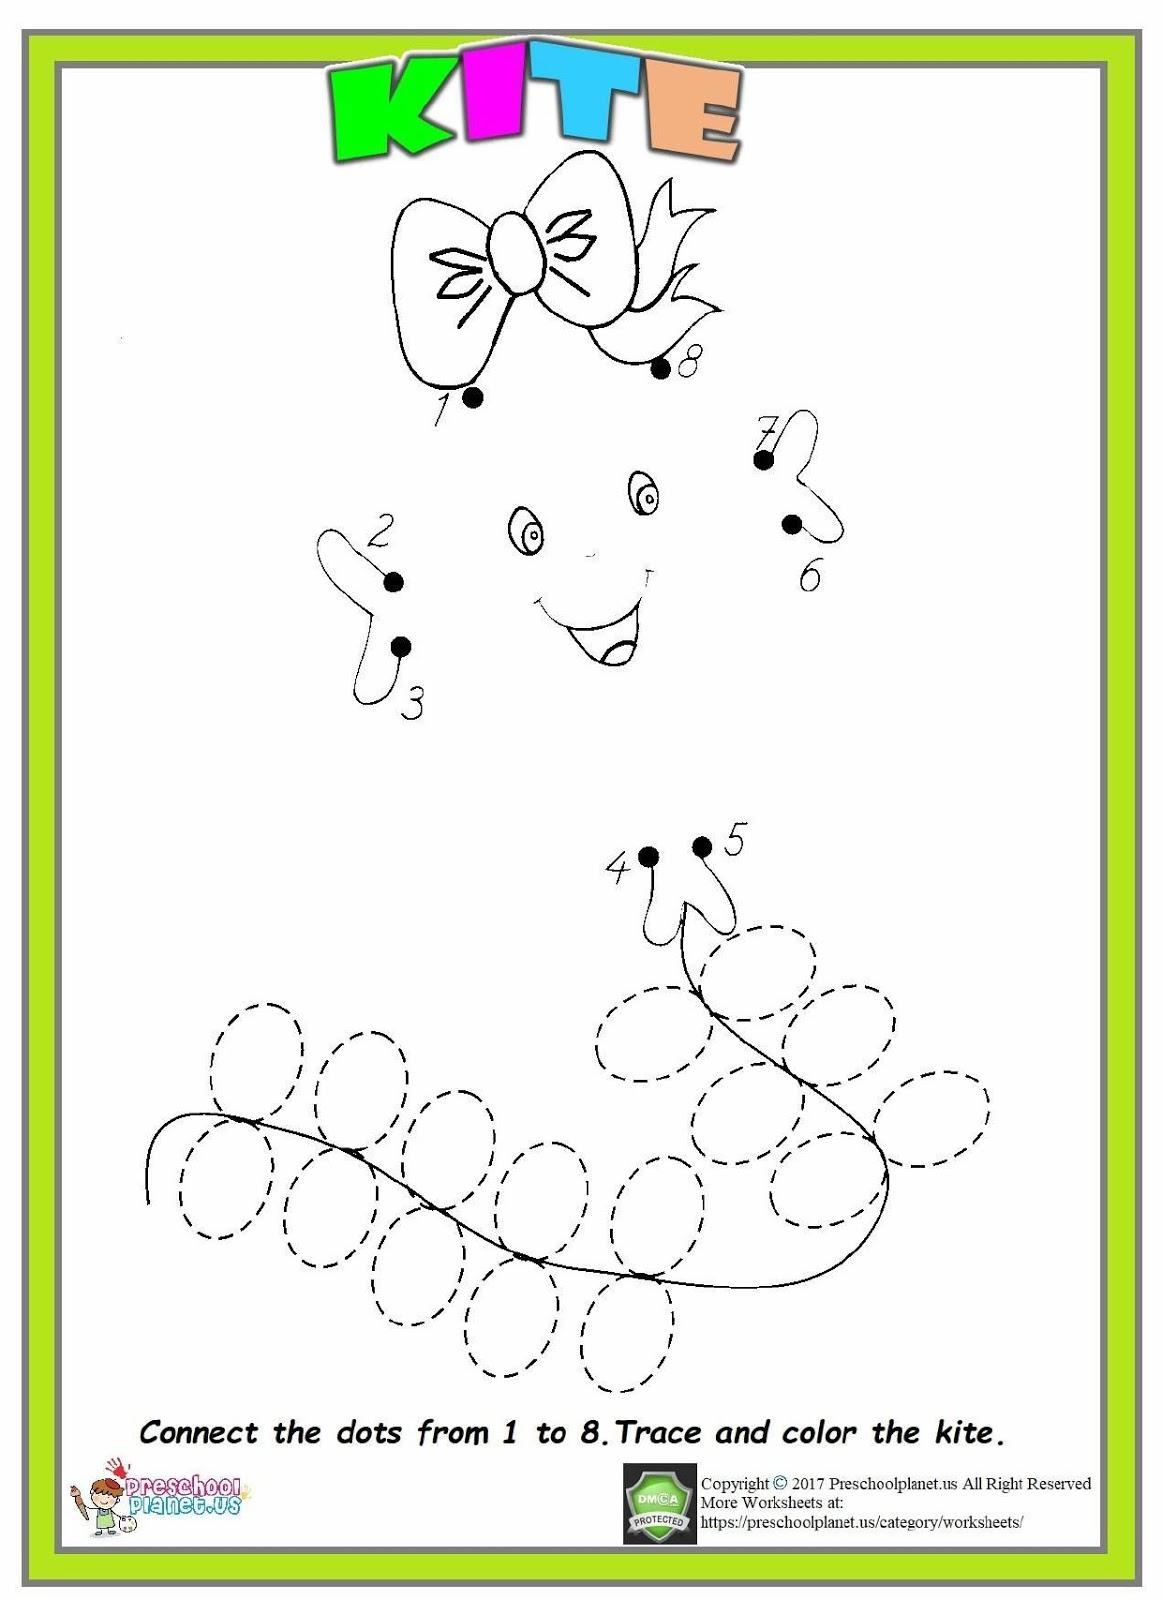 Kite Dot To Dot Worksheet